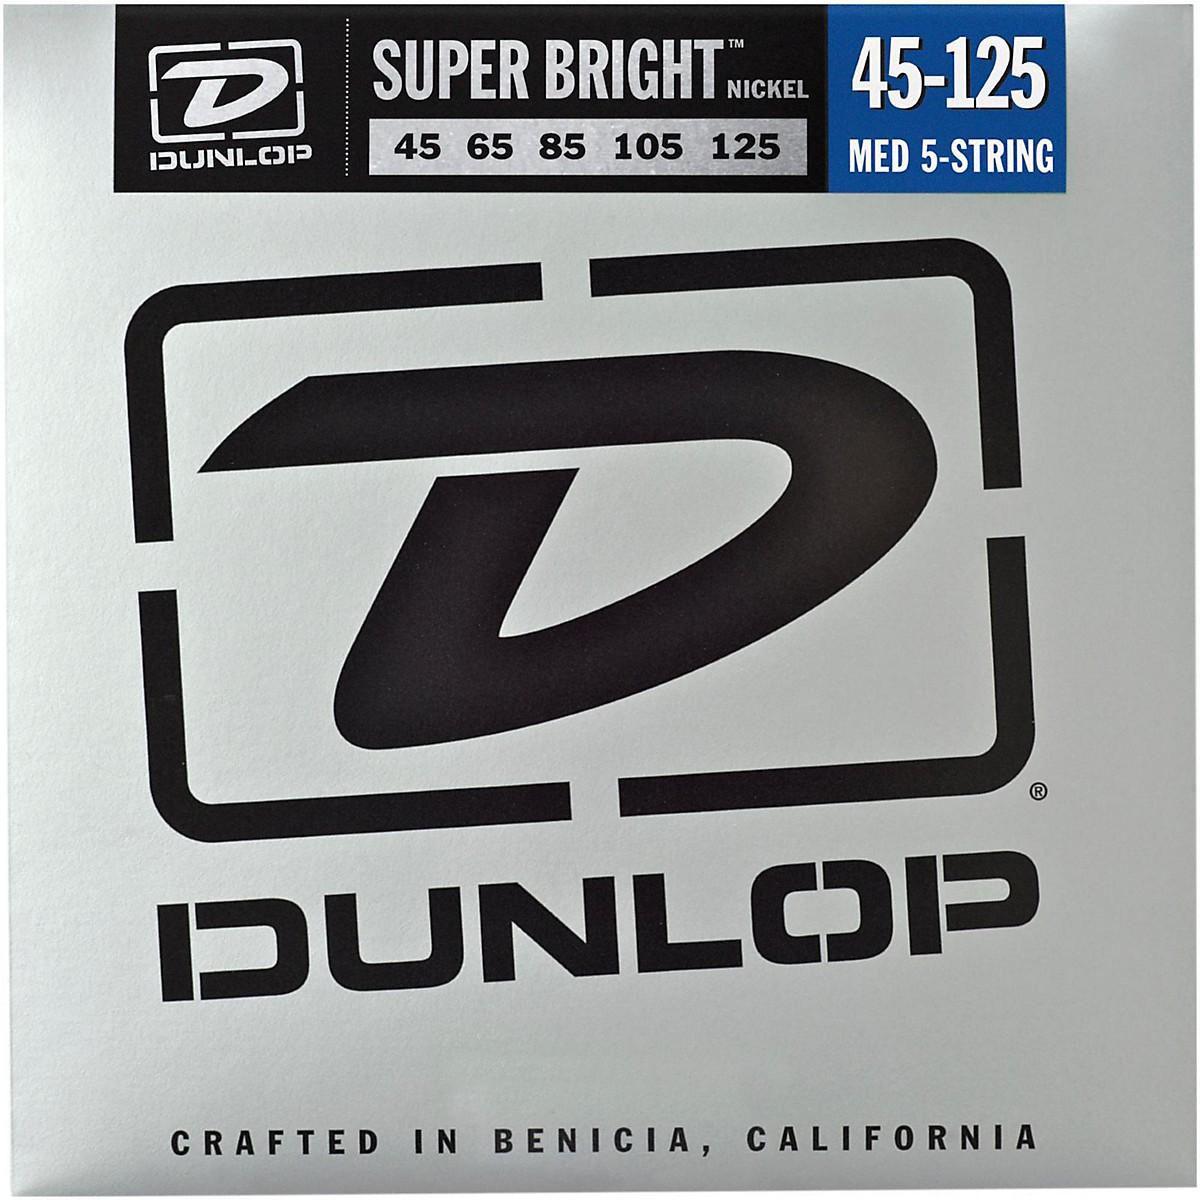 Dunlop Super Bright Nickel Medium 5-String Bass Guitar Strings